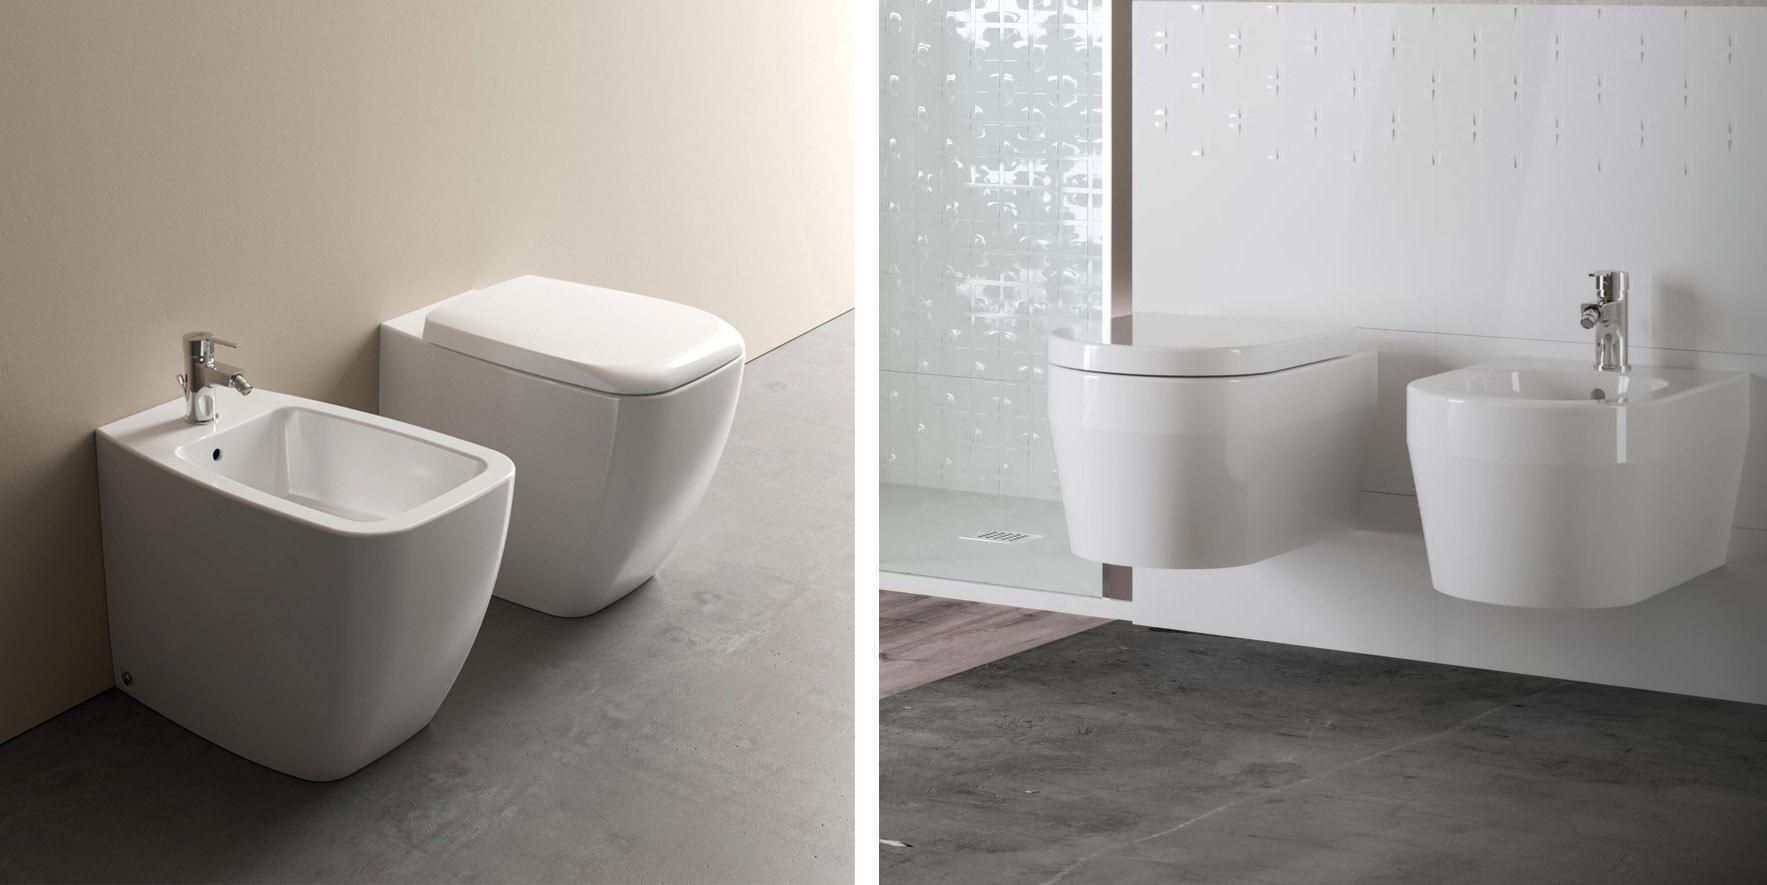 Tende Per Il Bagno Moderno bagno moderno: 5 errori da non commettere | di tutto, di più!